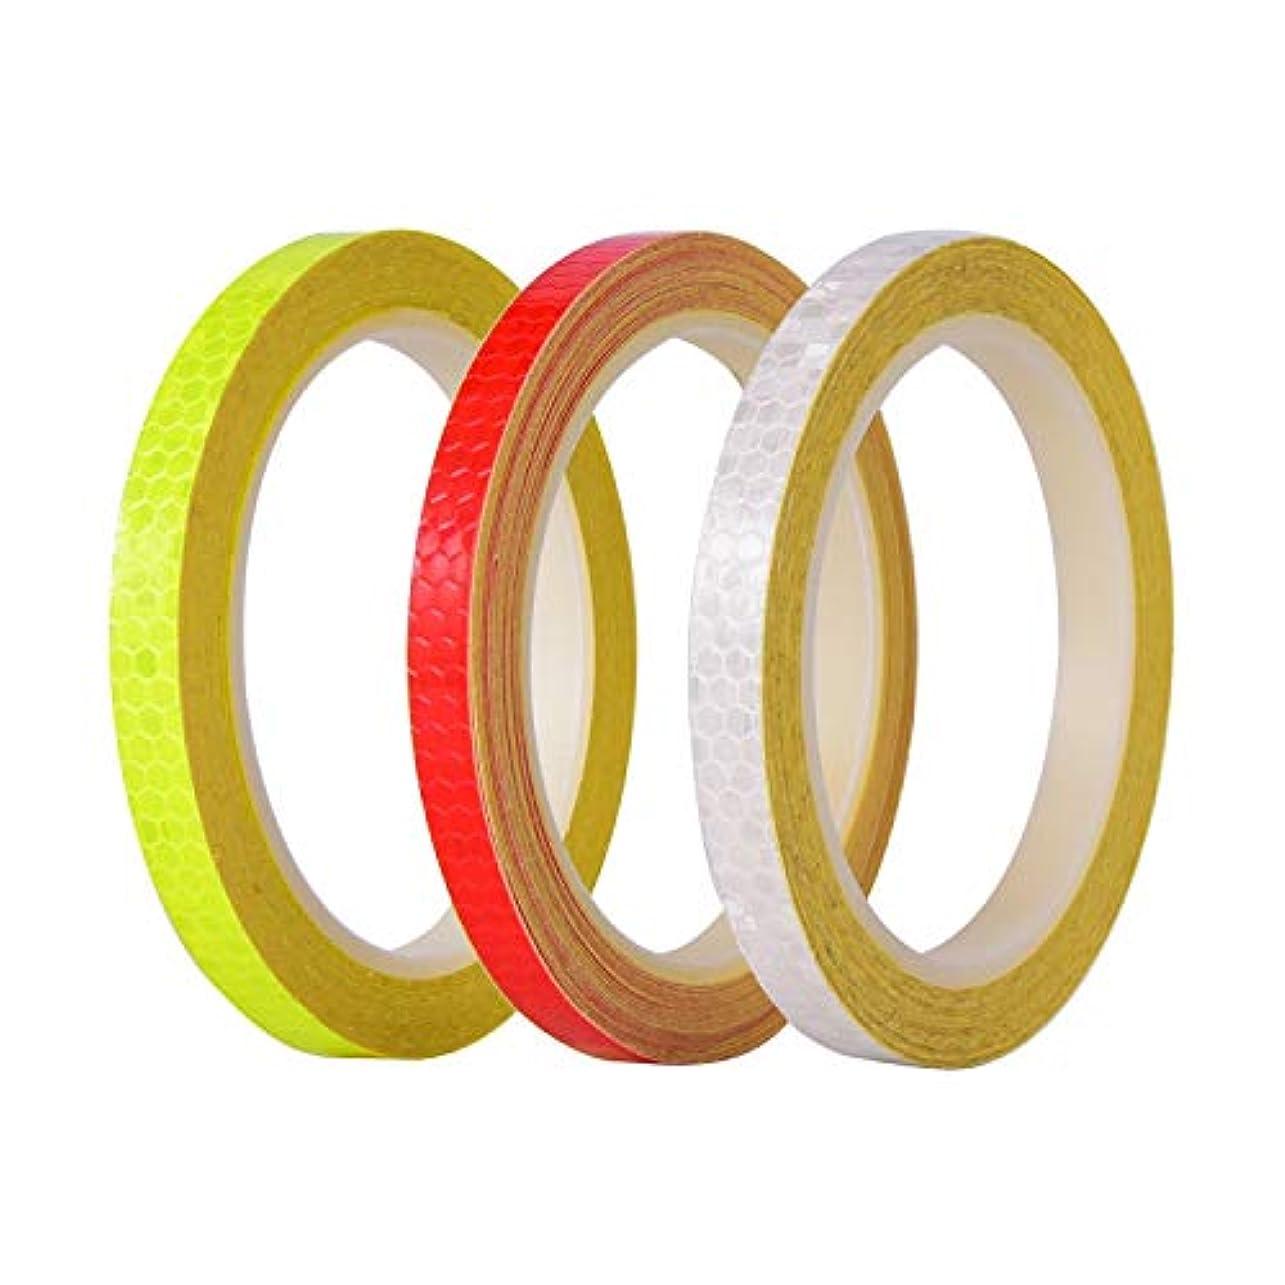 小数有毒な鋼充電式自転車ライト 反射テープマイクロプリズムシーティング安全反射テープ、総自転車ライトで26ヤード (色 : 3PCS)